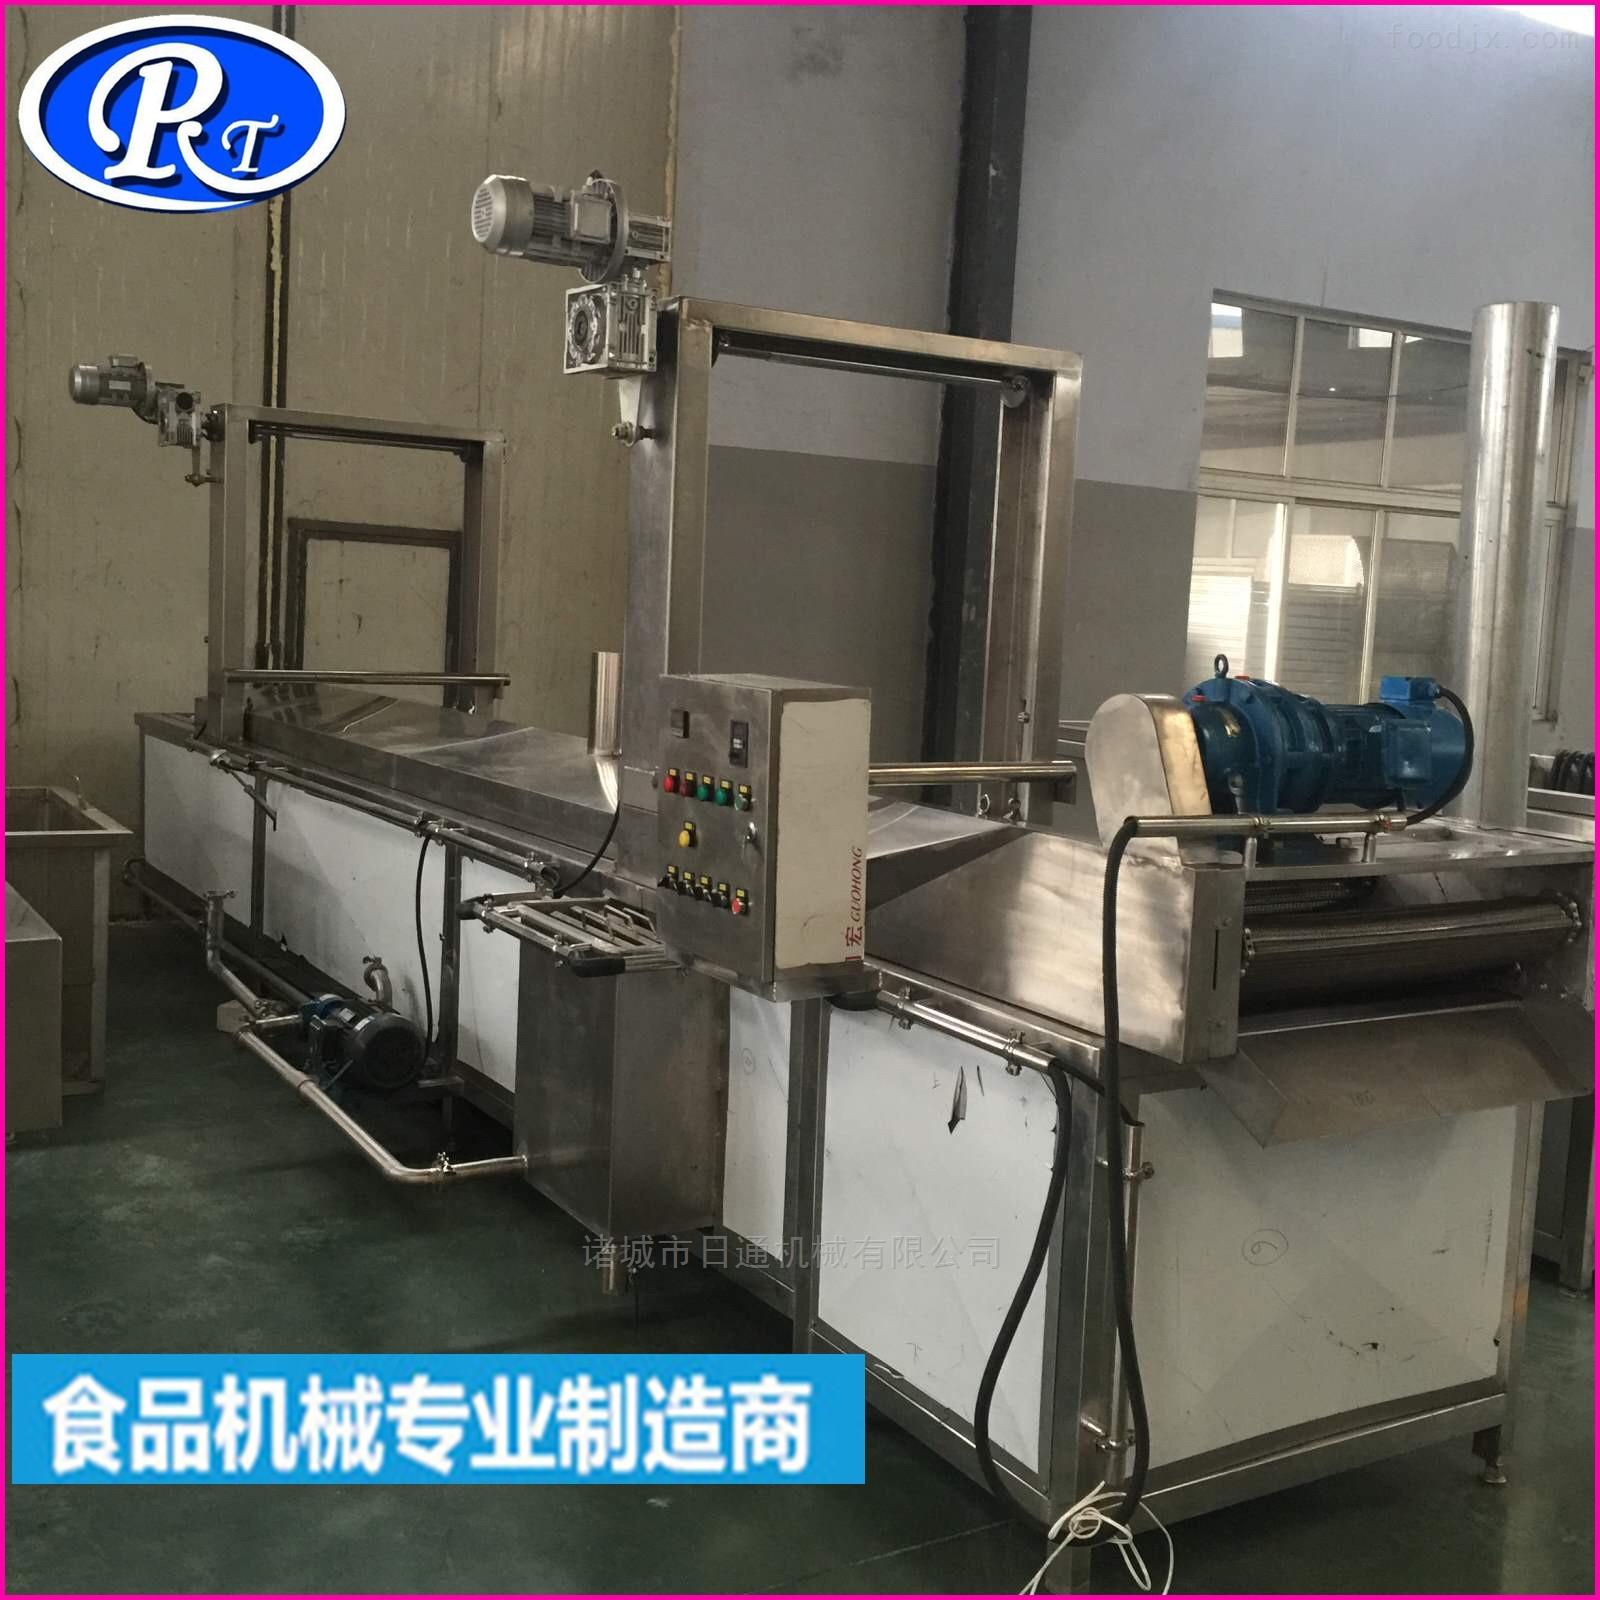 豆腐串电加热油炸流水线设备